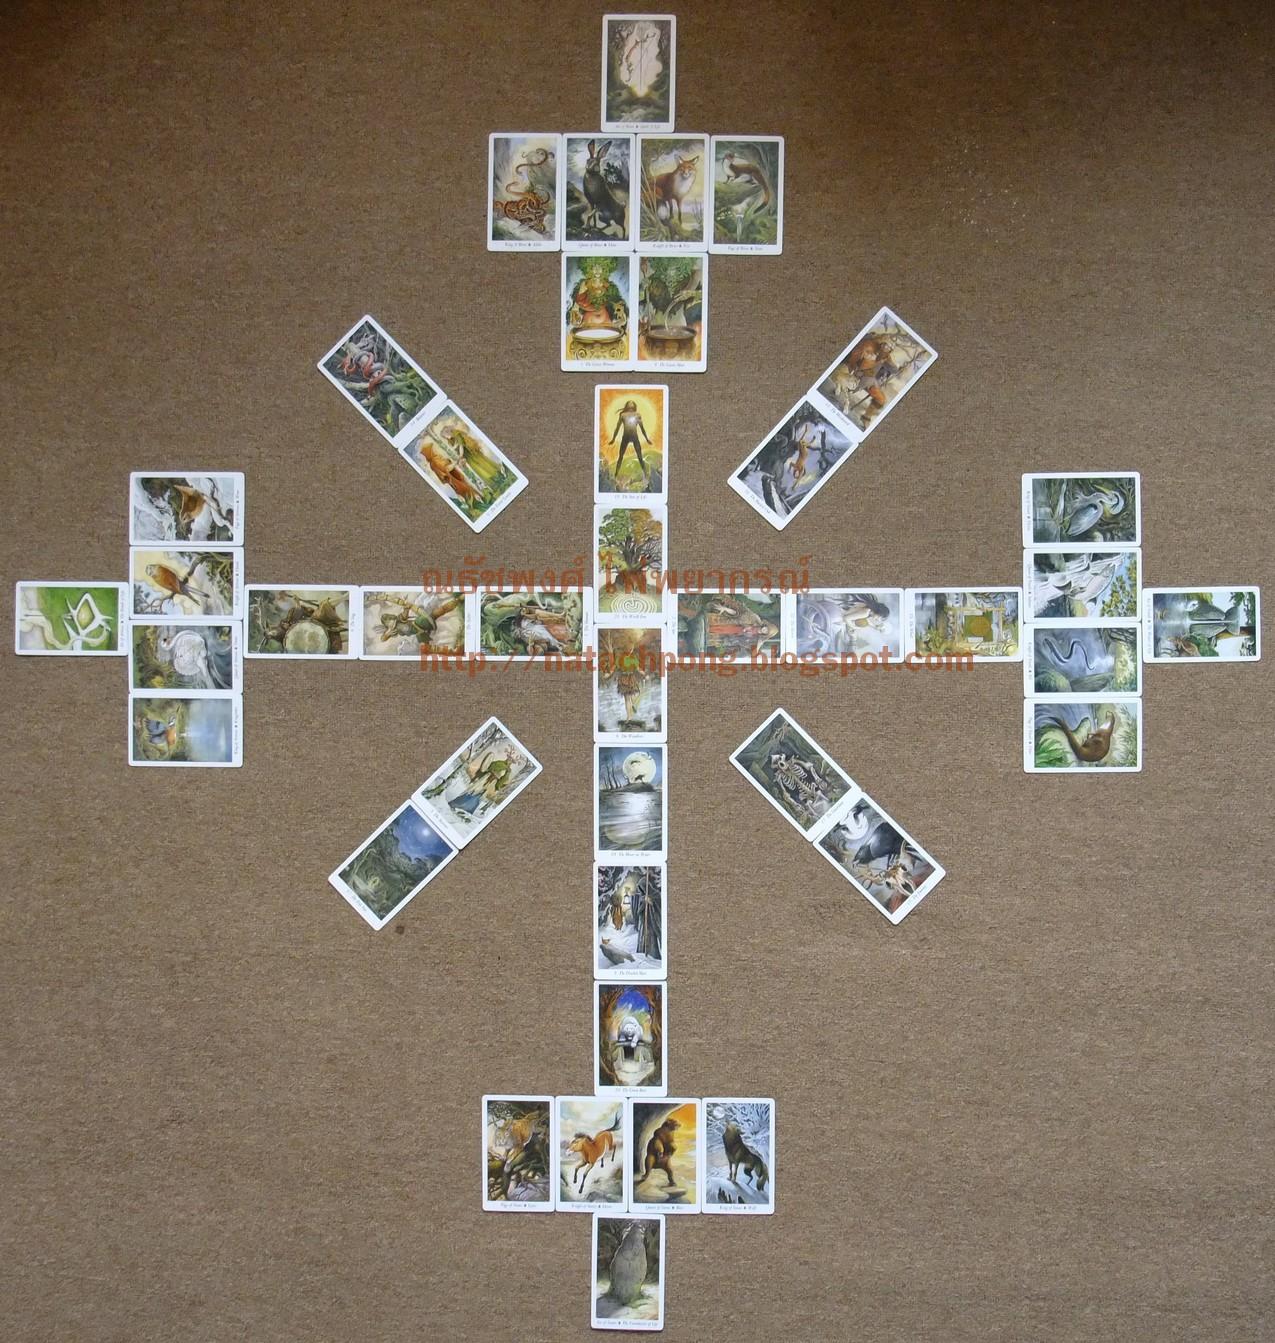 ไพ่ทาโรต์ เรียงไพ่ ตำแหน่งไพ่ วางไพ่ Wildwood Tarot Wheel of the Year Major Arcana Ace Court Cards Spread